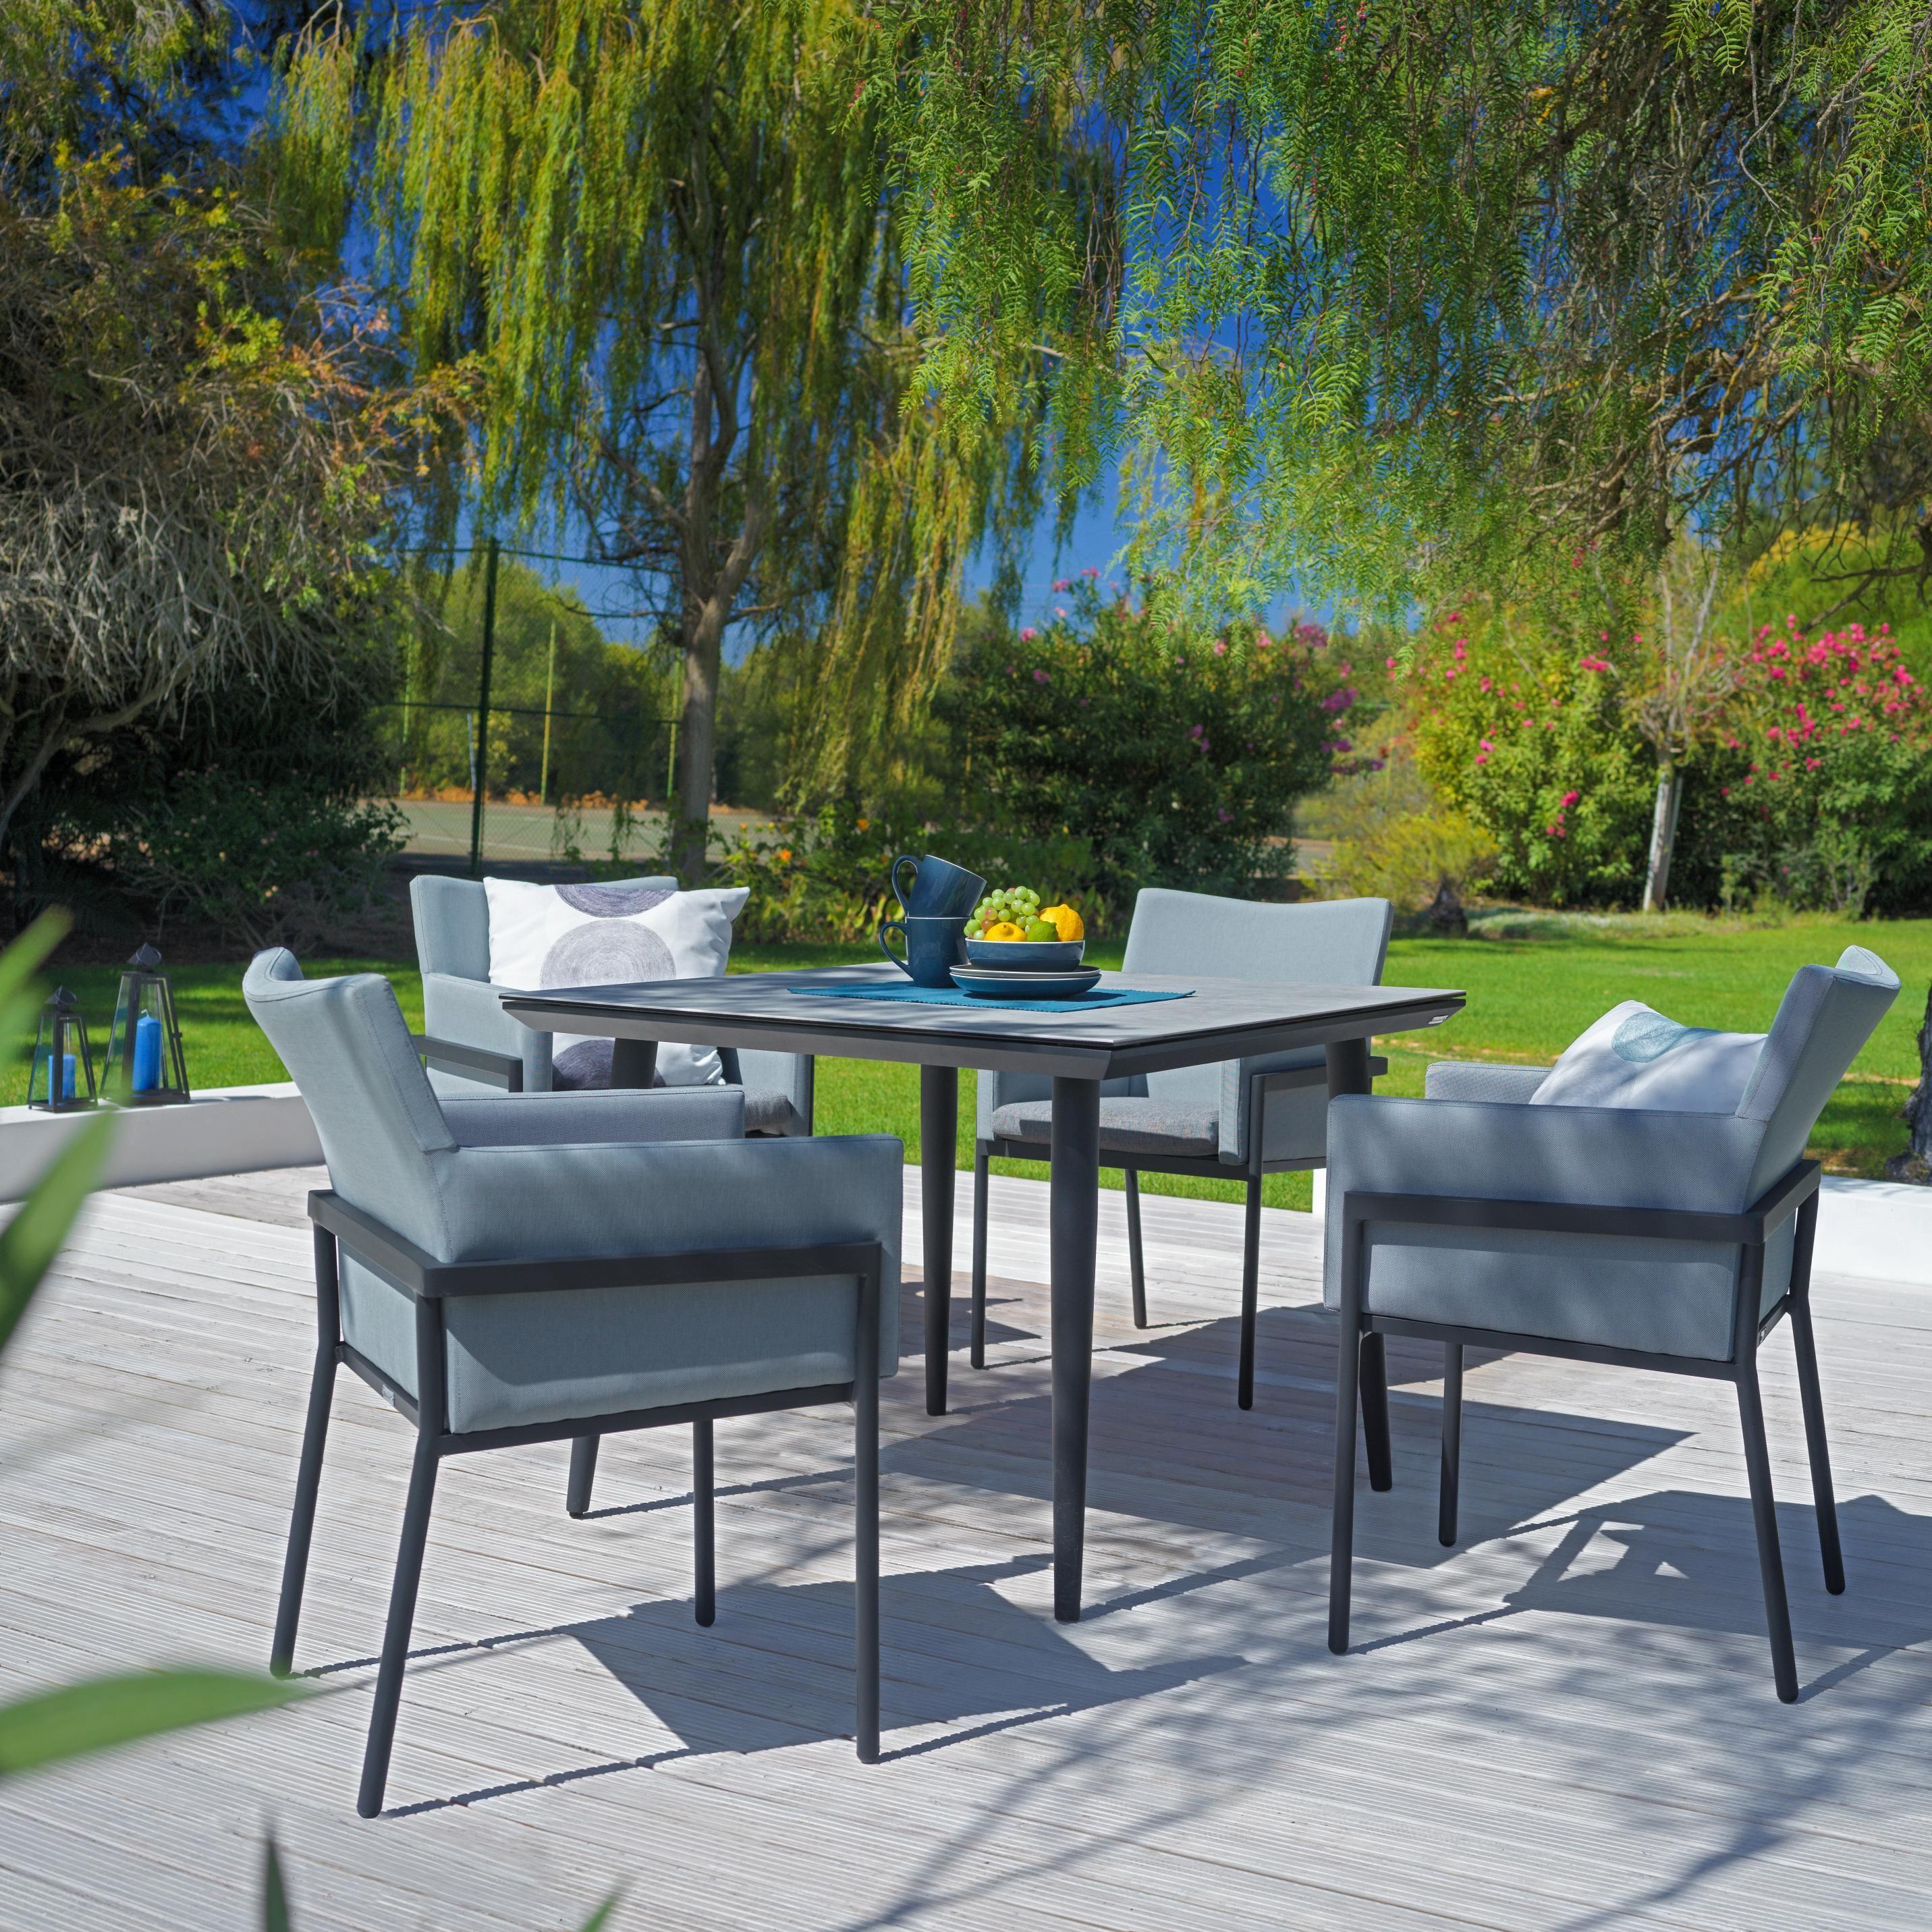 Moderne & helle Gartenmöbel - Sitzgruppe mit Stühlen und Tisch ...